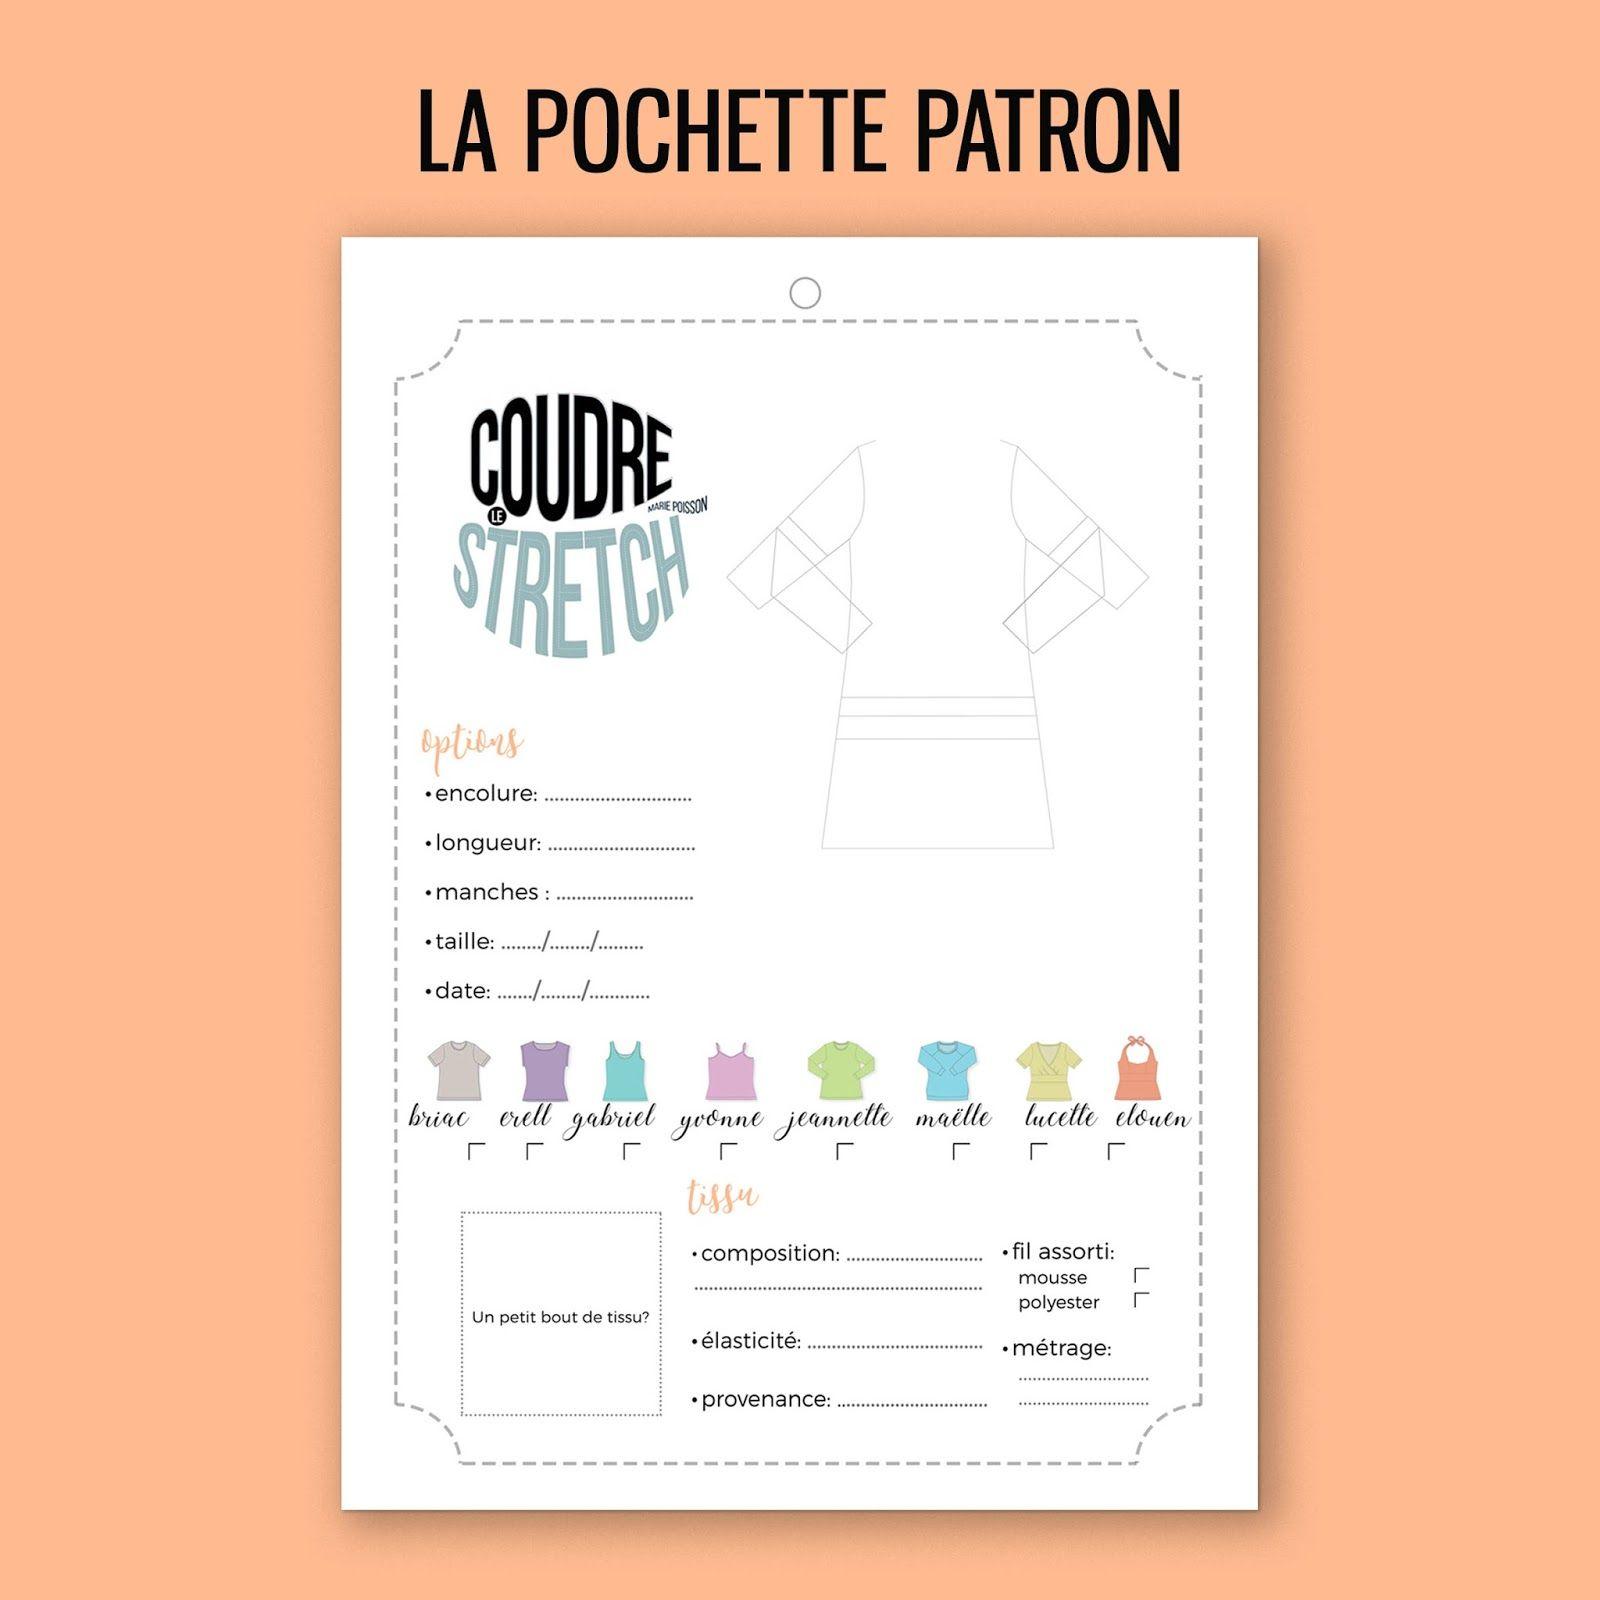 Pochette Marie Livre Le Stretch Coudre De Poisson Du Patron m0wOvNn8